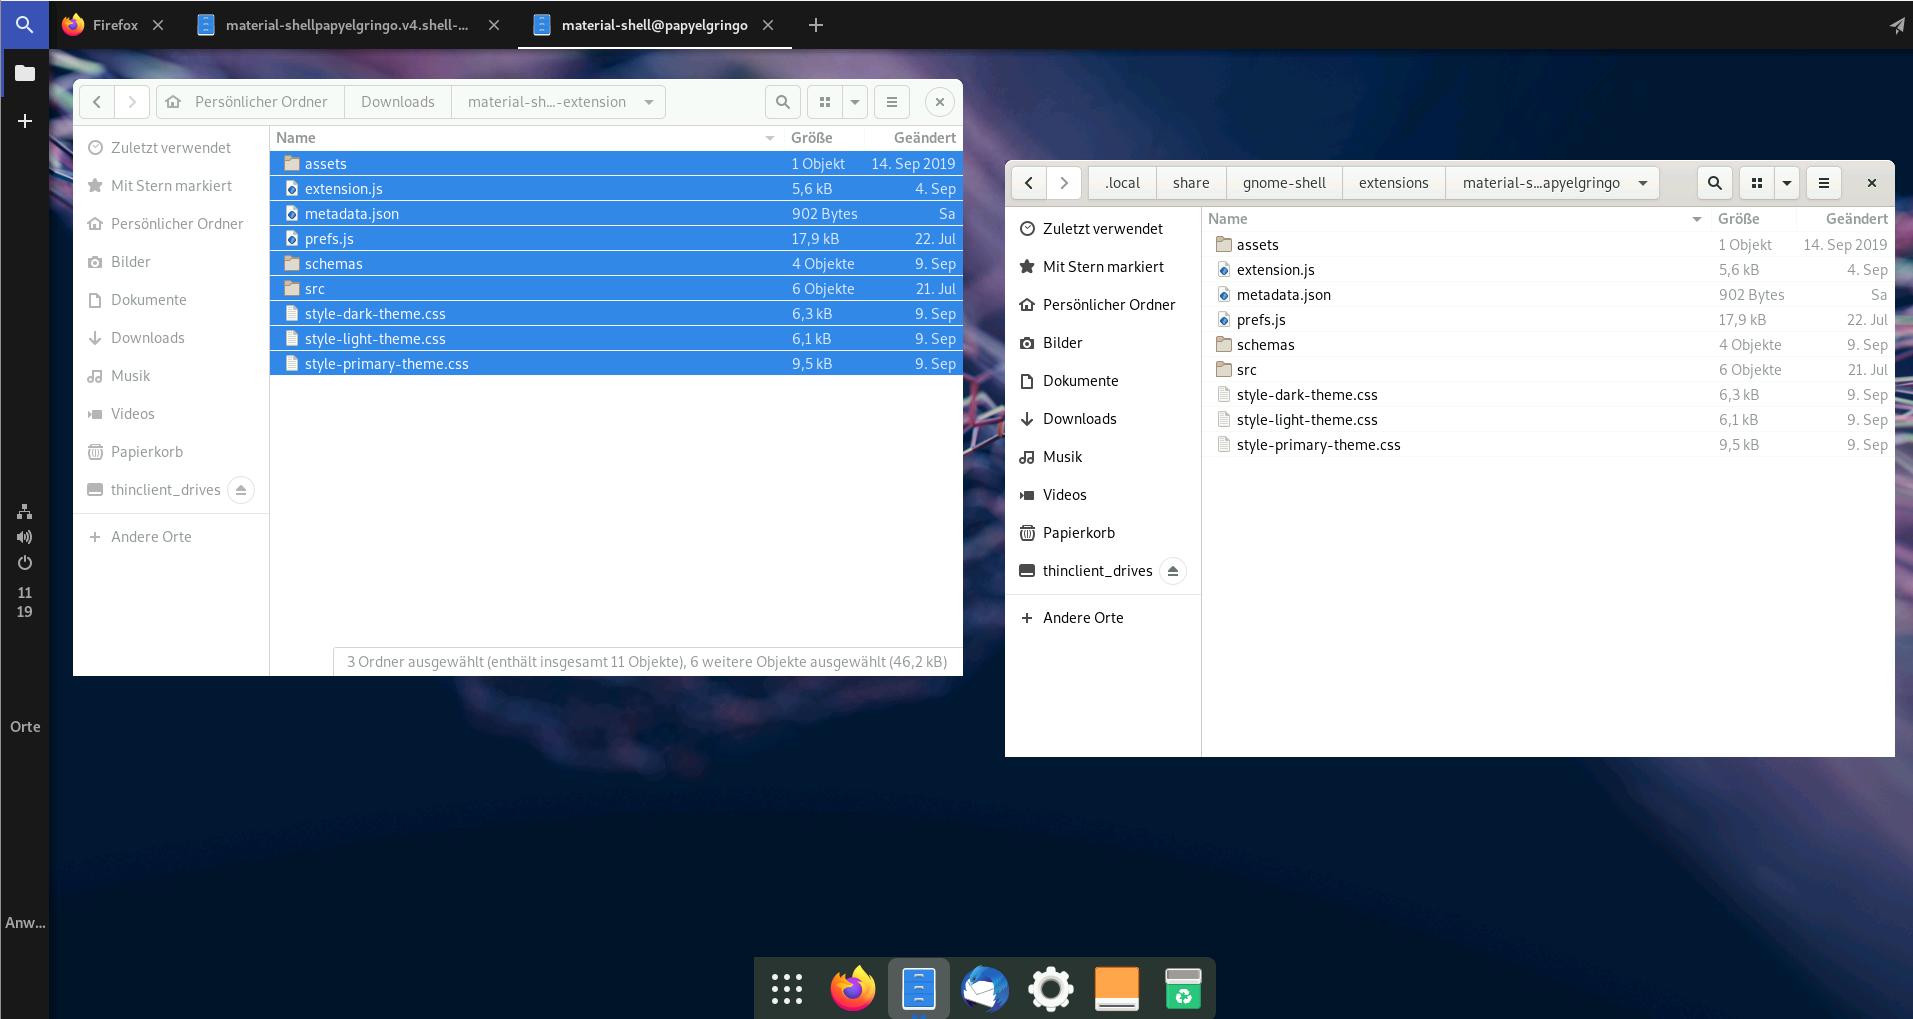 Zwei Dateibrowser mit Inhalt einer Gnome-Erweiterung beim kopieren von Dateien